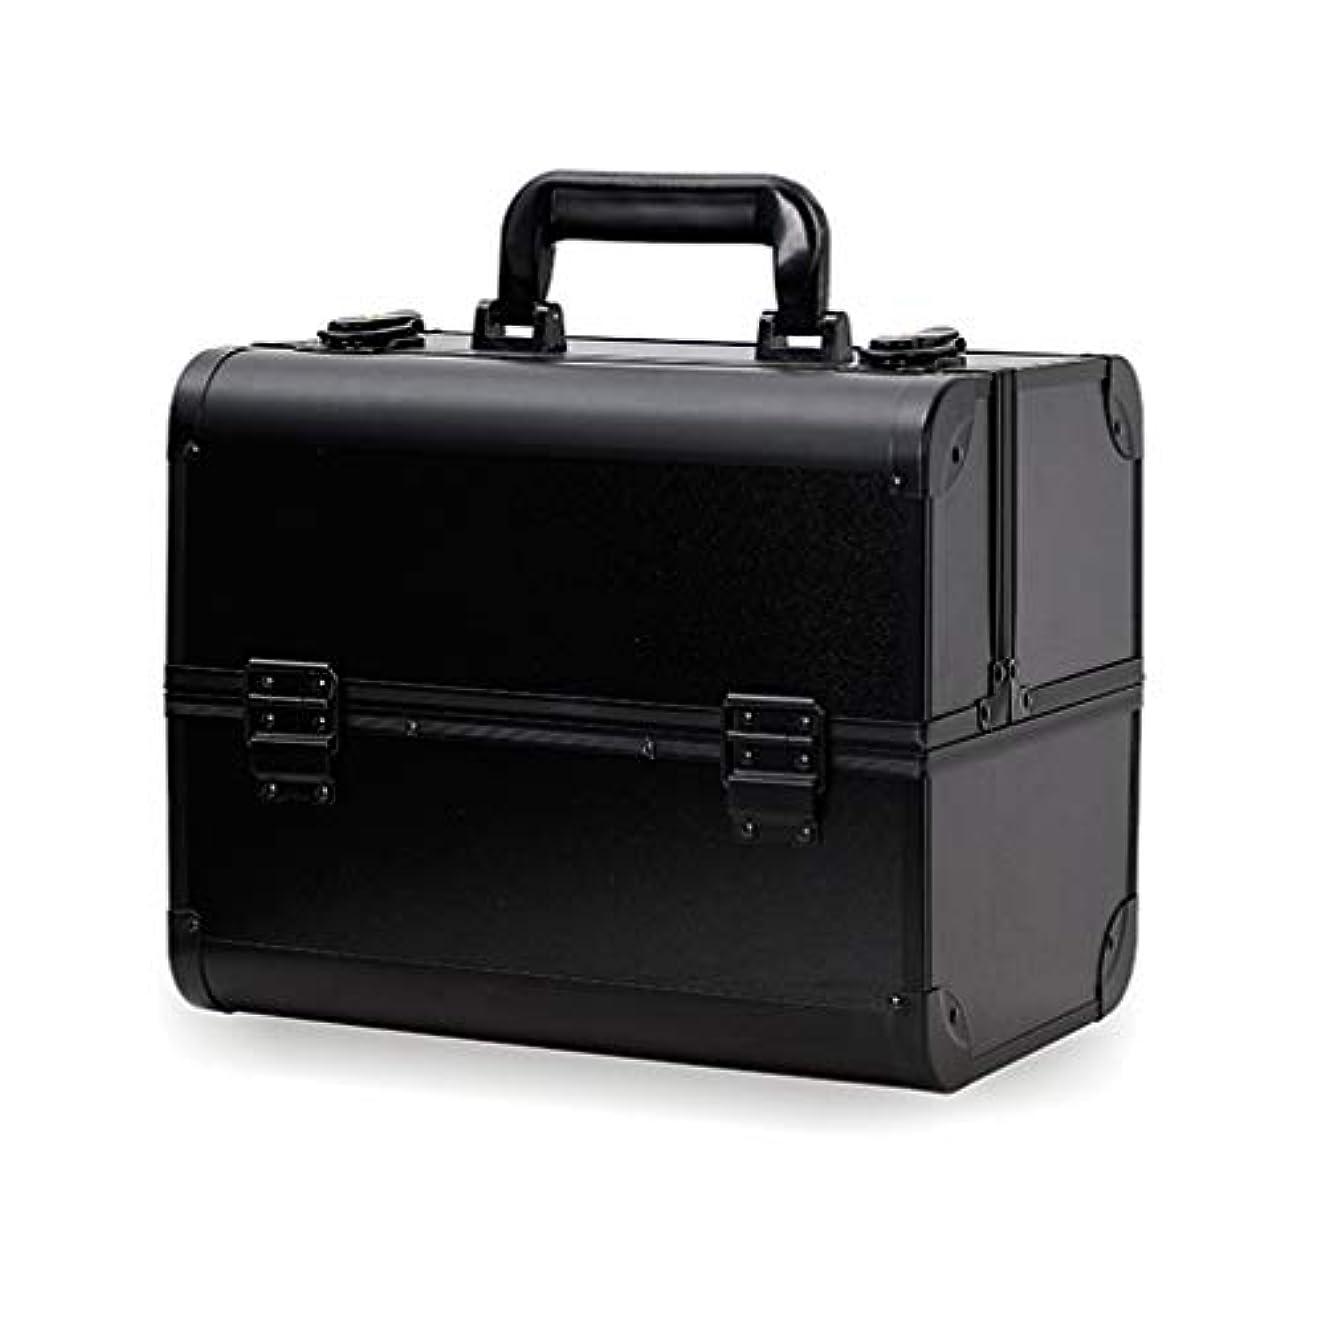 西へこみためらうメイクボックス コスメボックス 大容量 2段 化粧ボックス プロ 収納力抜群 鍵付き 洗える 肩掛け かわいい プレゼント 彼女友達へ 取っ手付 コスメBOX ブラック L